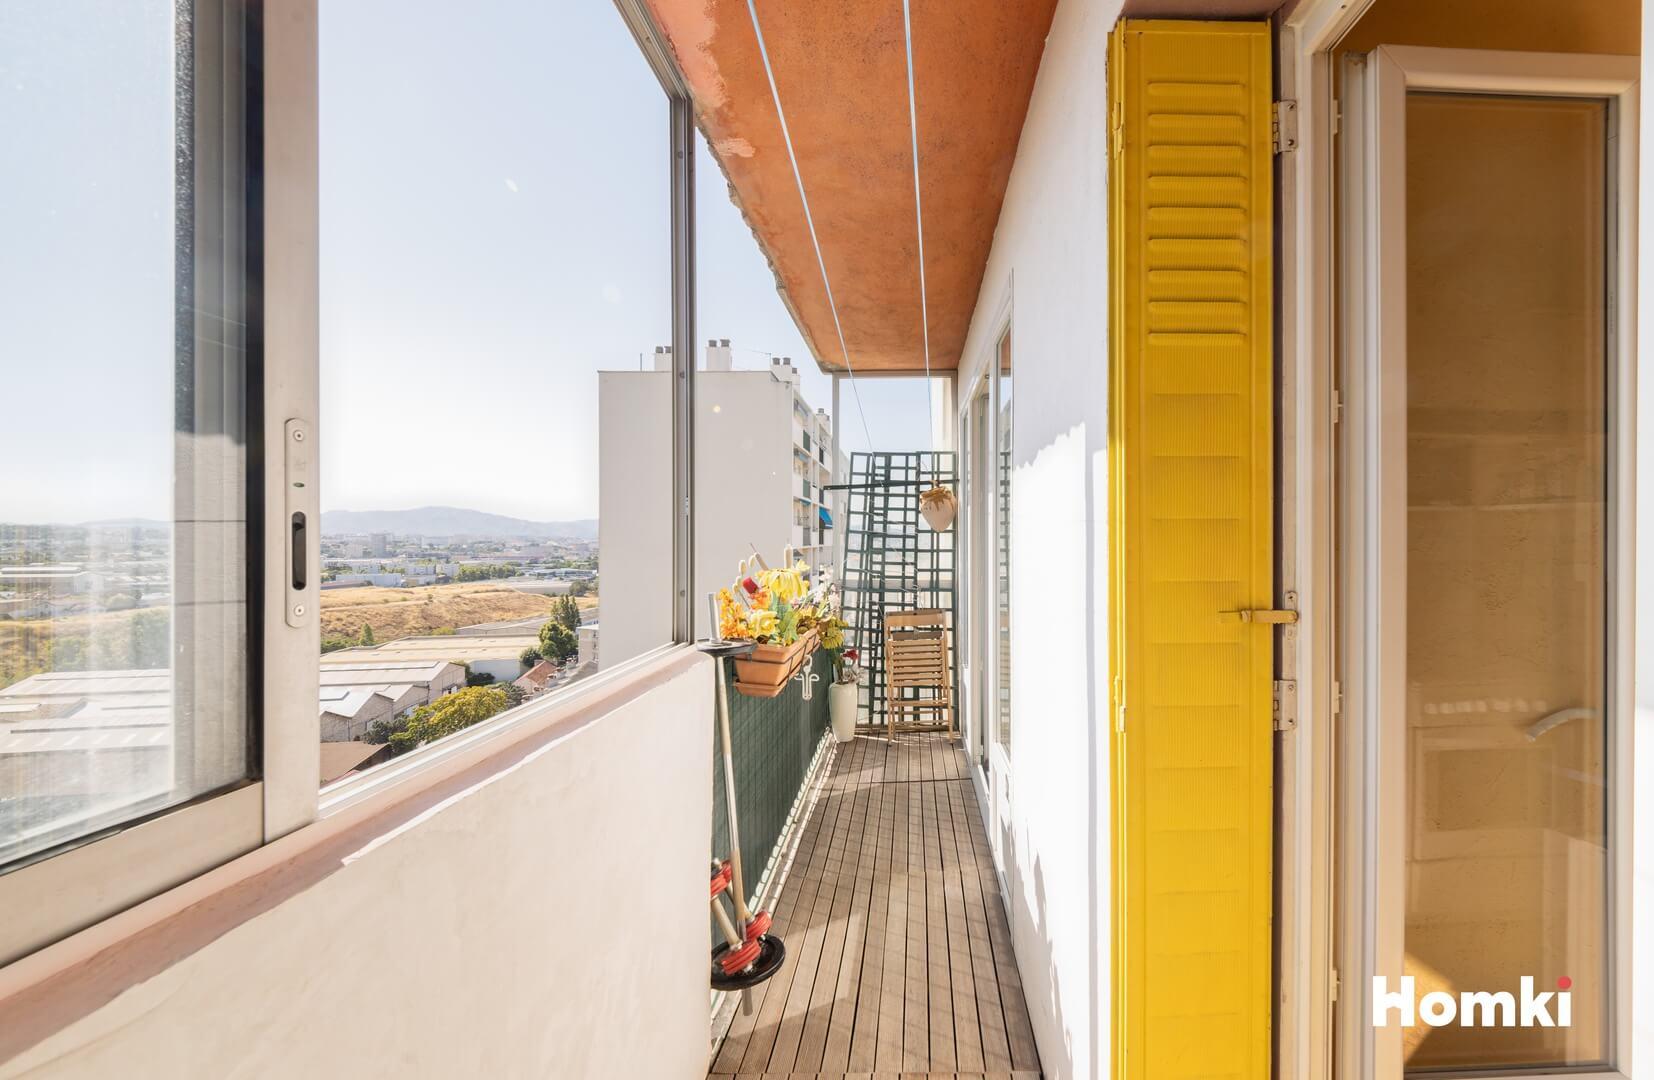 Homki - Vente Appartement  de 54.0 m² à Marseille 13015